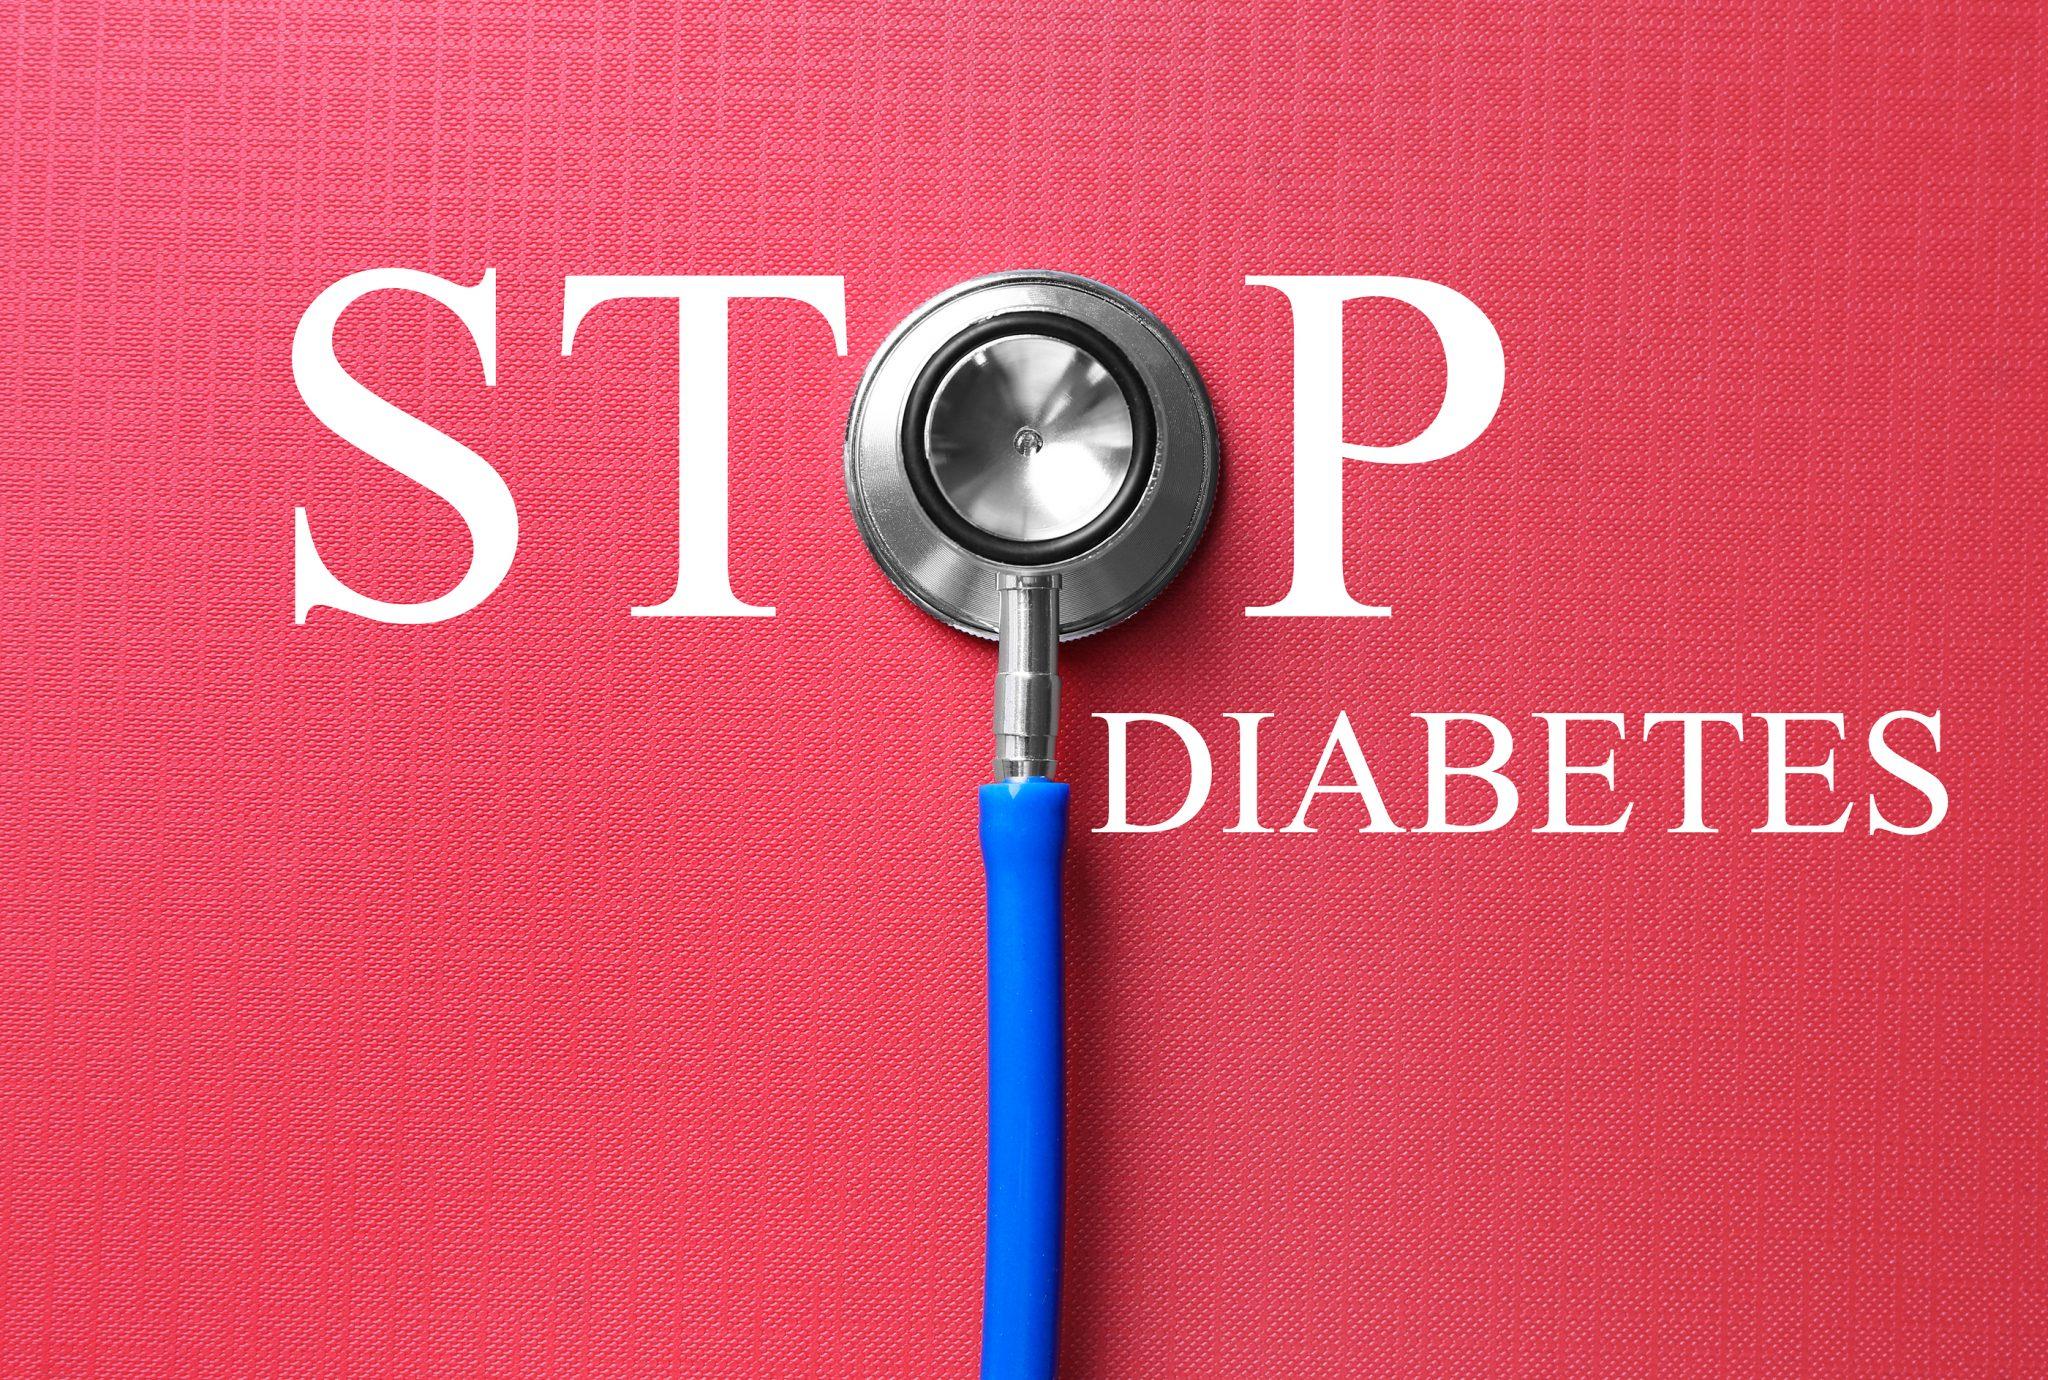 Keer diabetes om met je leefstijl als medicijn